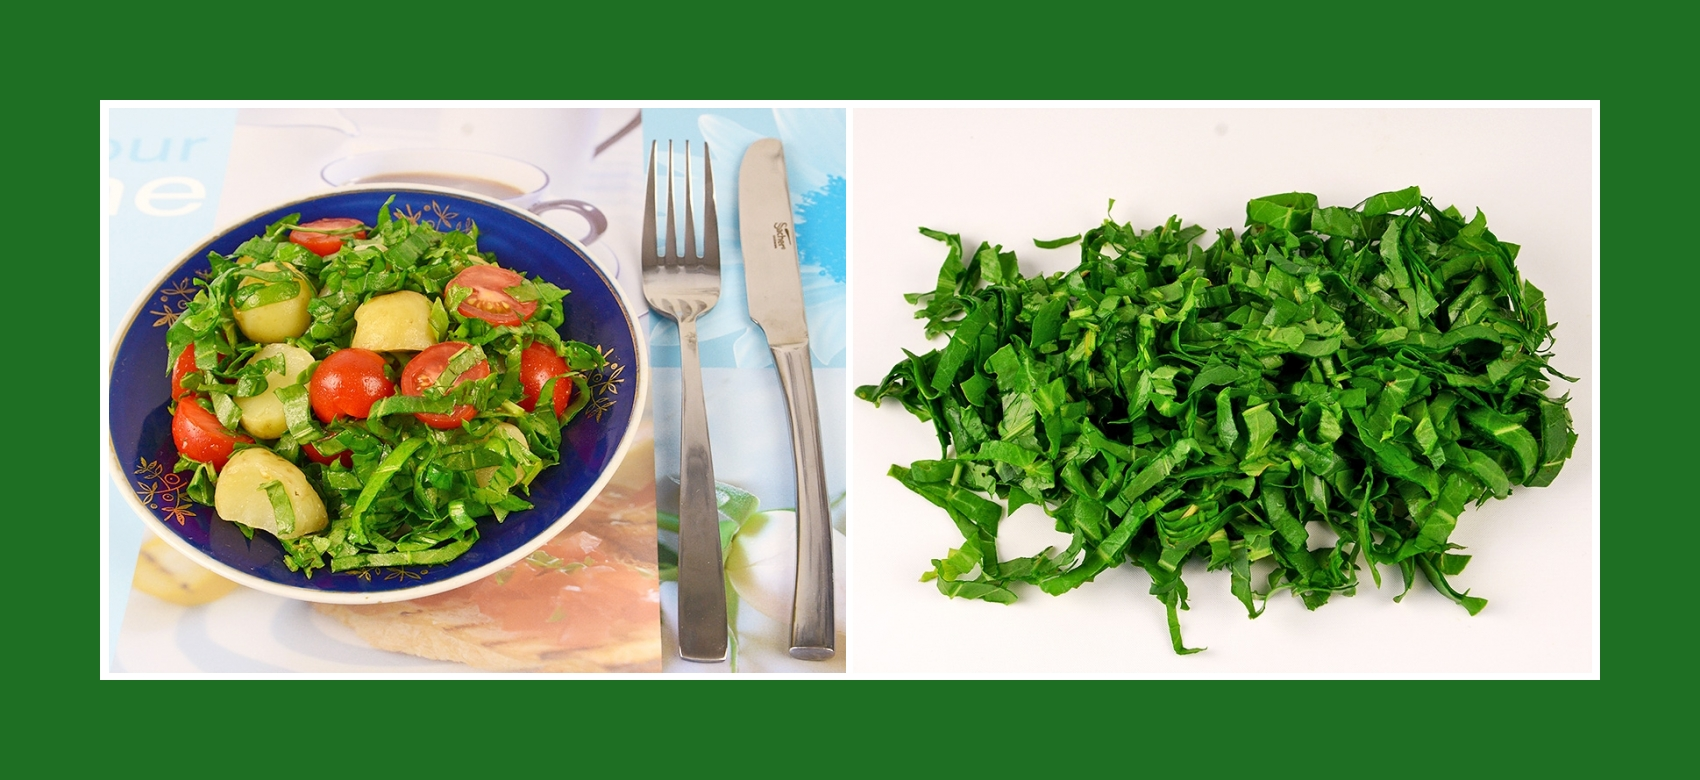 Sauerampfer für Kartoffelsalat